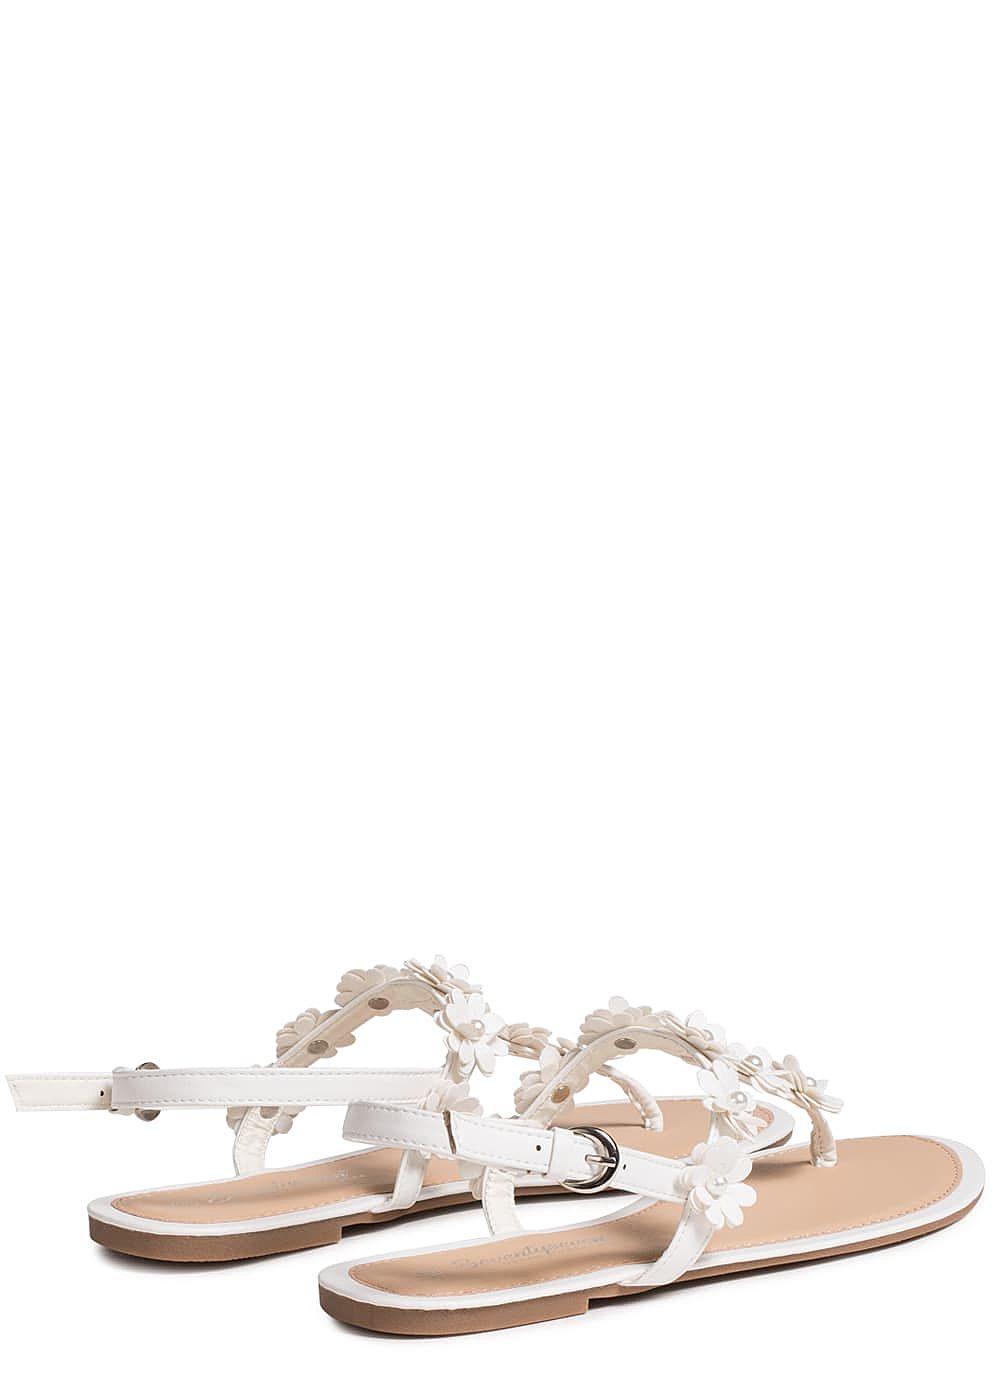 seventyseven lifestyle schuh damen sandalette zehensteg bl mchen weiss 77onlineshop. Black Bedroom Furniture Sets. Home Design Ideas